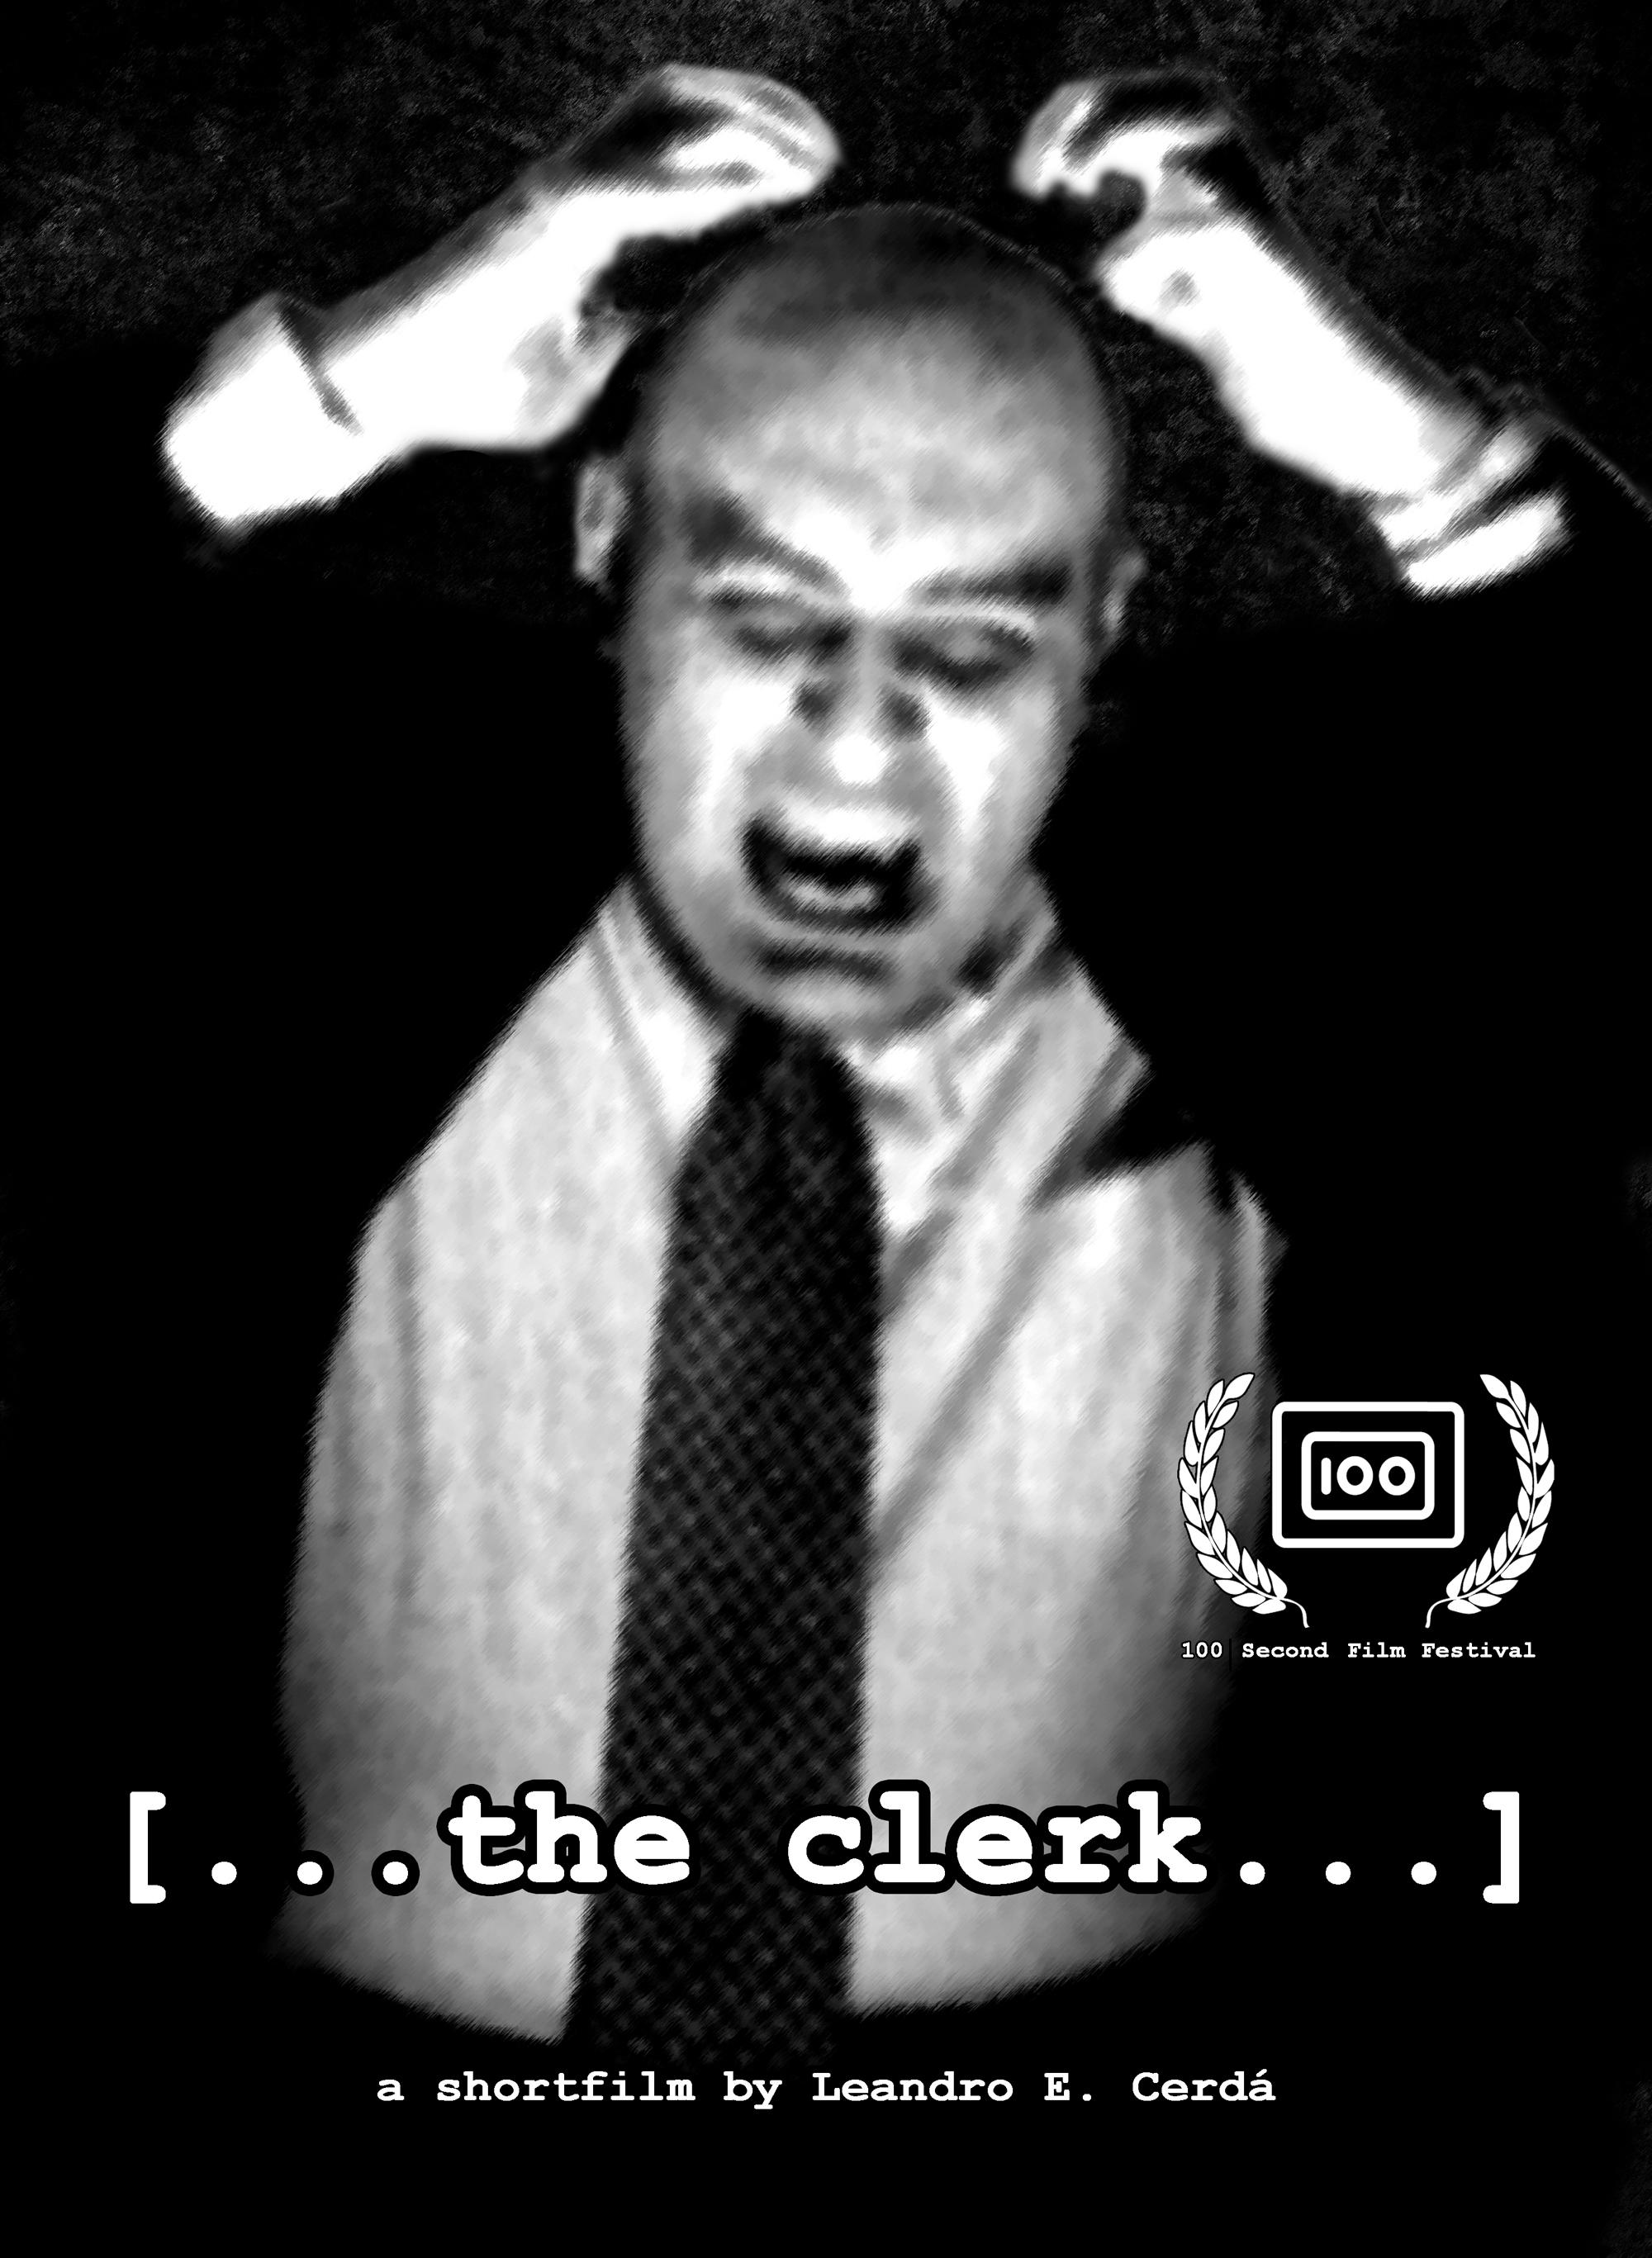 The Clerk - Poster - 100 second film festival